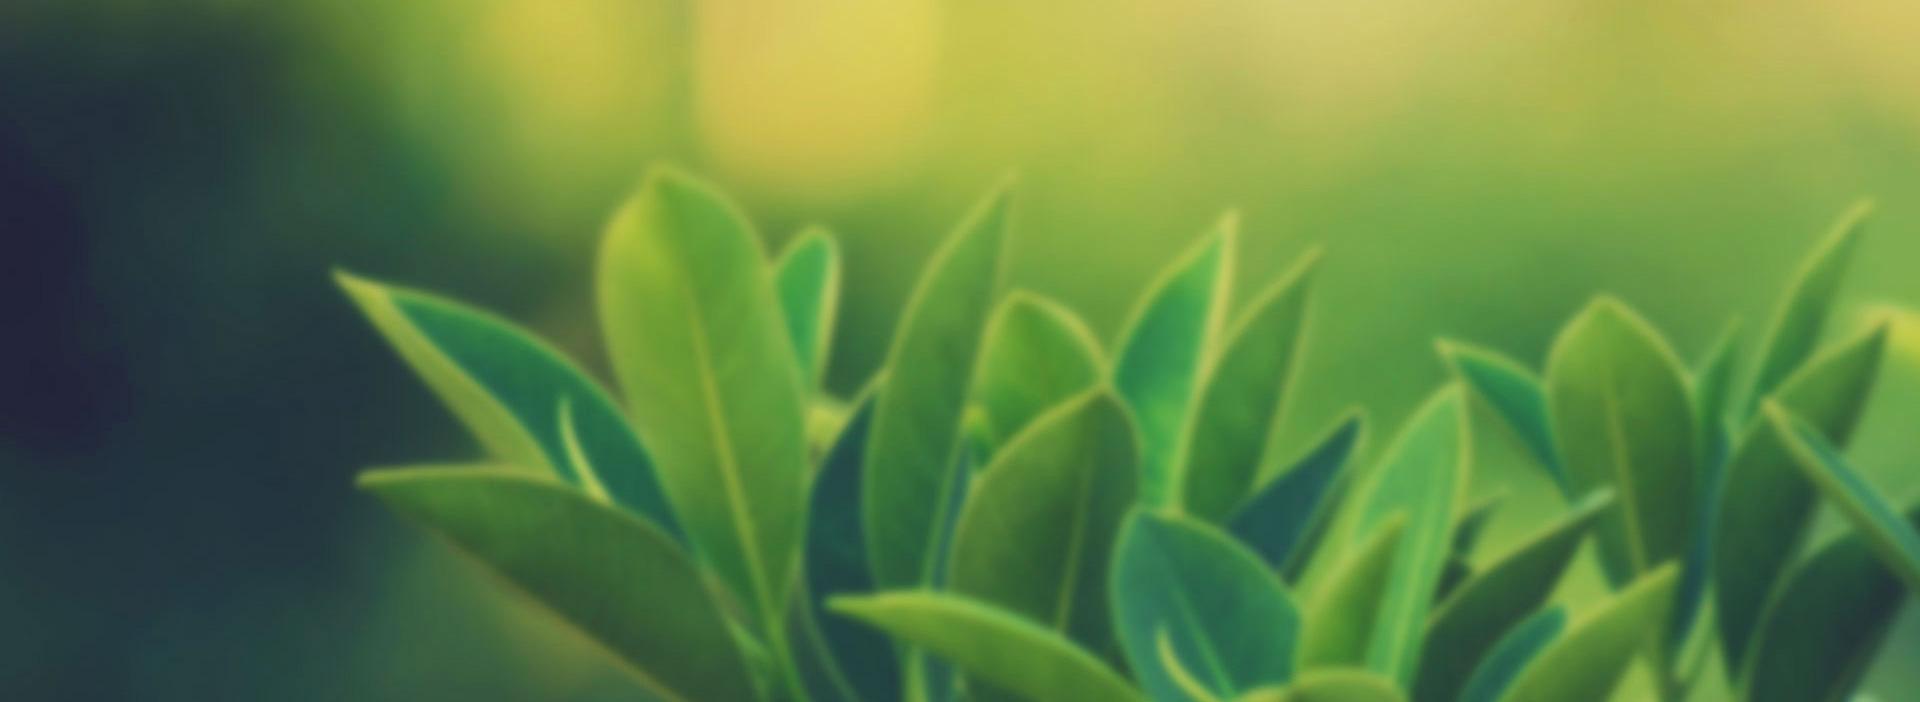 crpye-karşı-faydalı-gelen-bitkiler-nelerdir